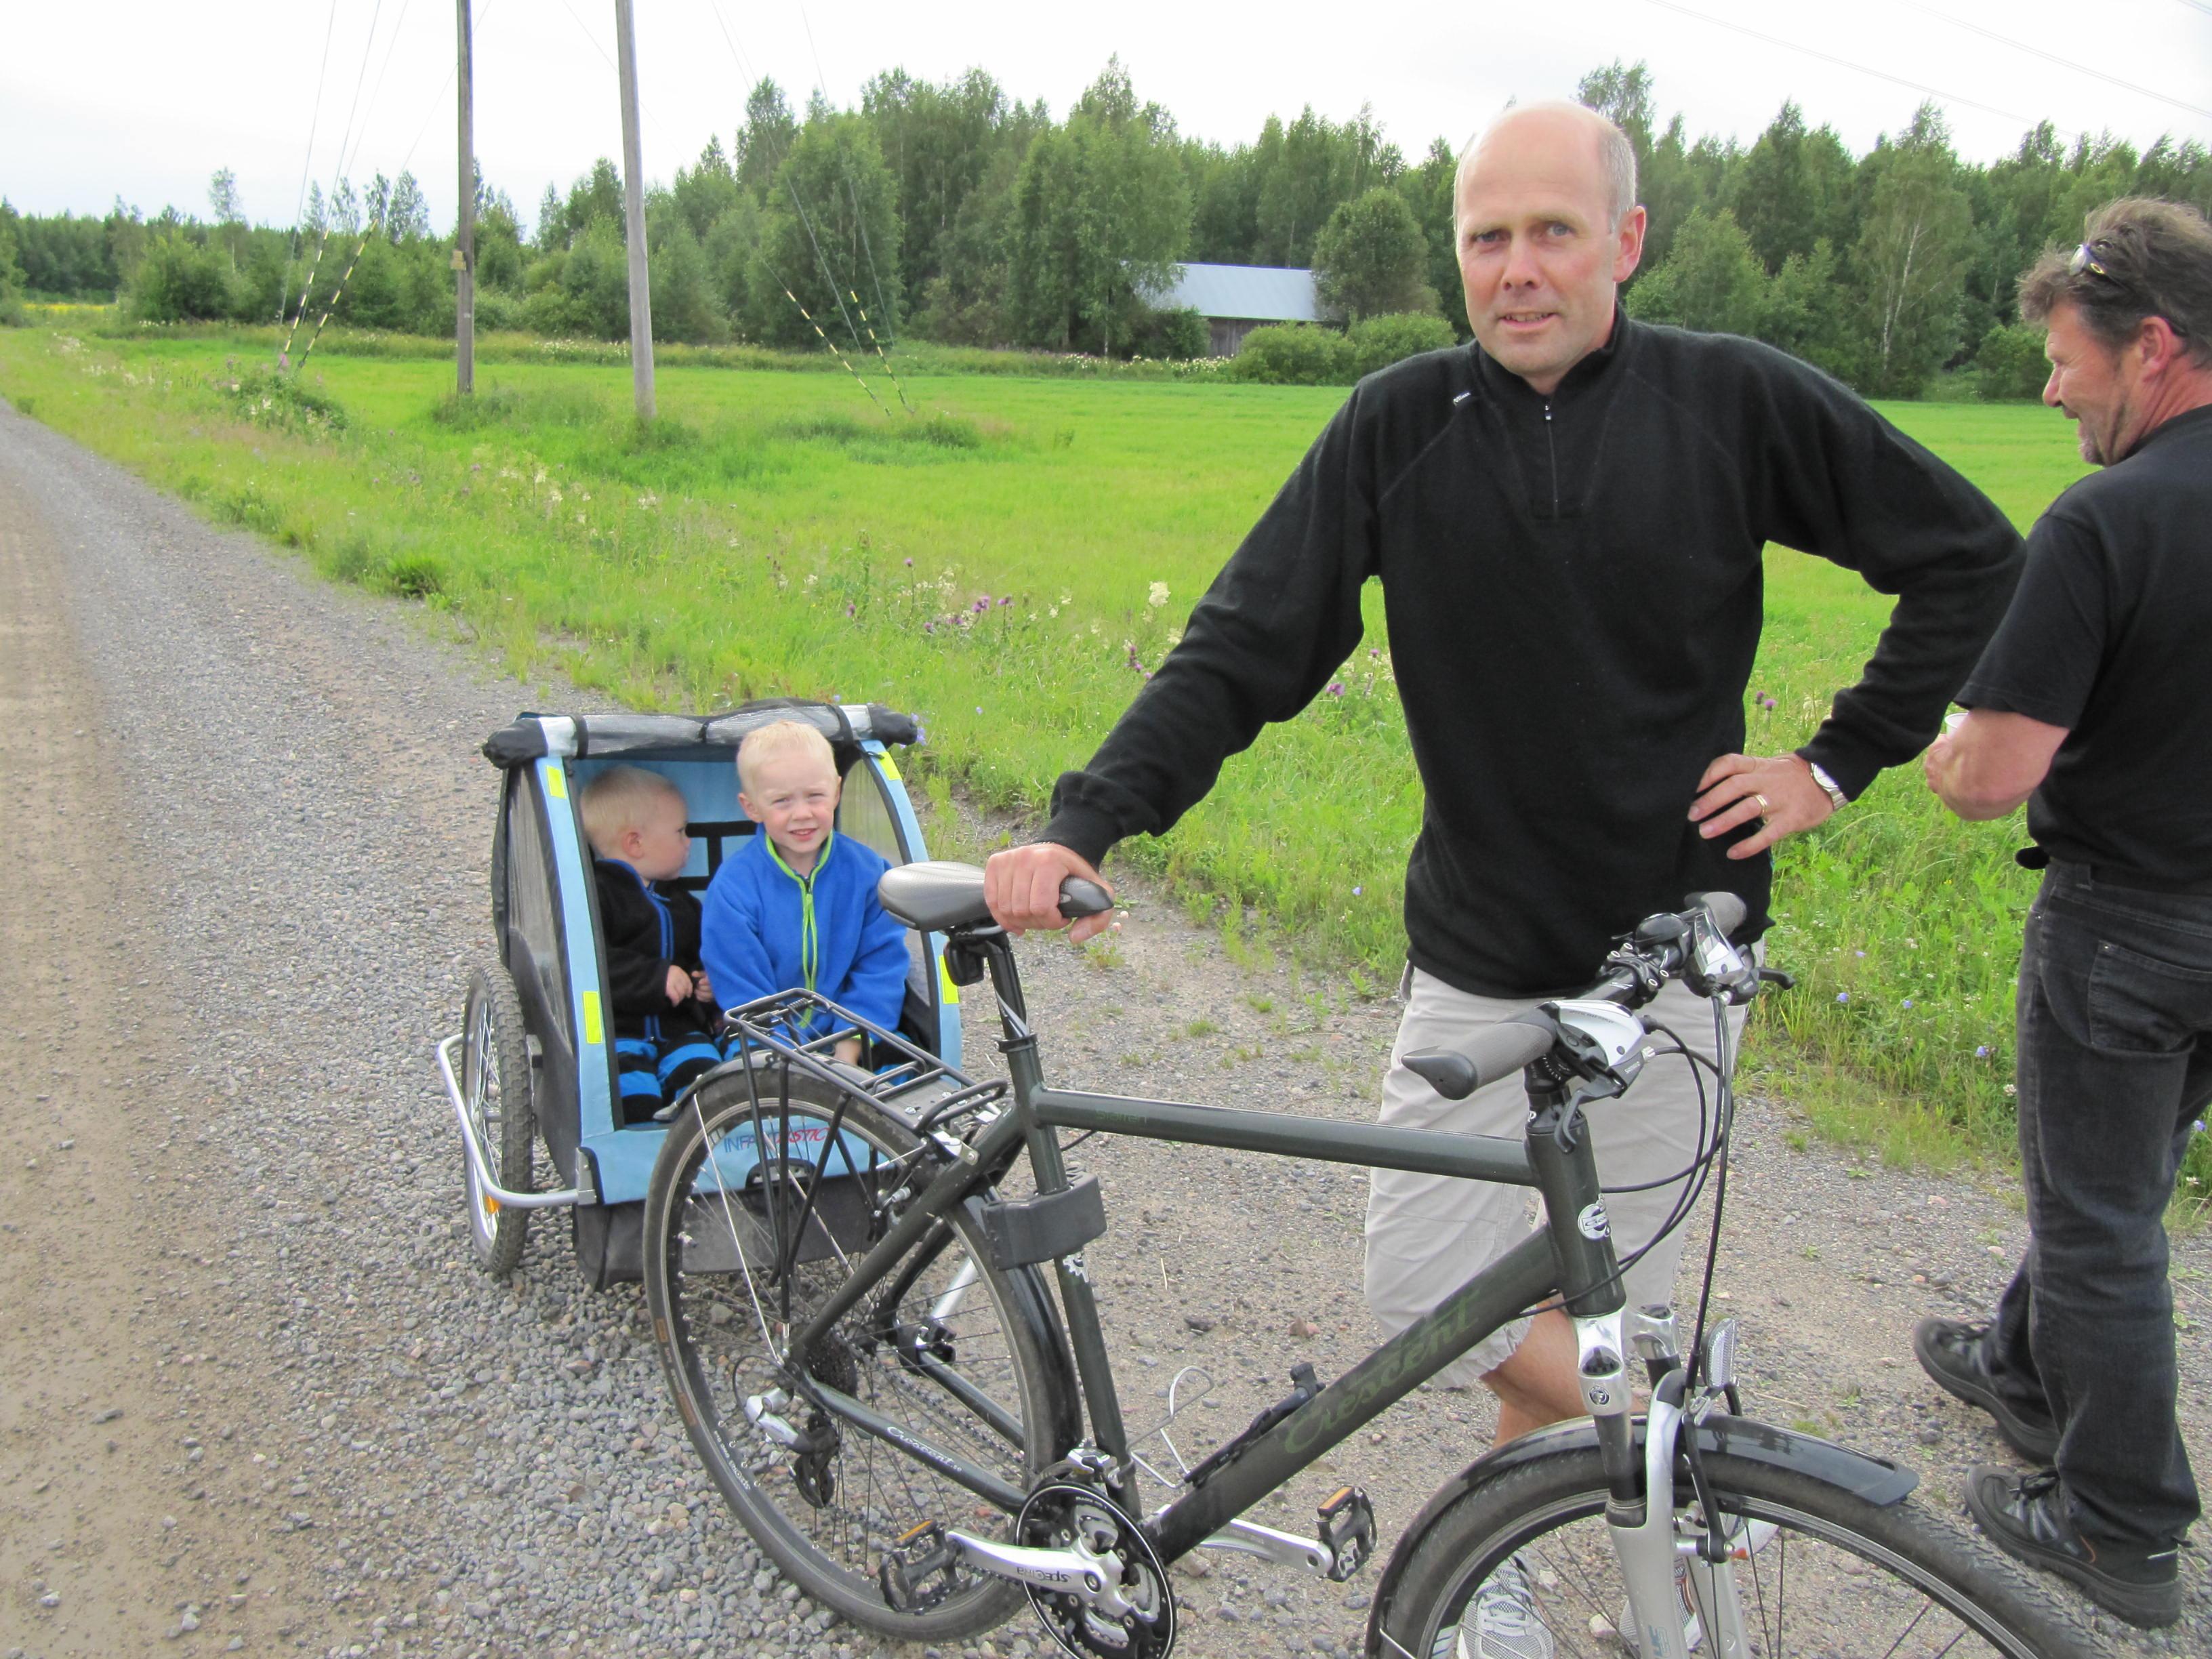 Majbolänken som alla år gått via Lillsjö och Korsbäck, ner tillbaka till Dagsmark, fick en helt ny rutt år 2012, eftersom de häftiga skyfallen hade grävt av vägen till Lillsjö, över Långängen till Korsbäck på flera ställen. Här Stefan Lindell vid en saftkontroll på Sunnantillvägen nära Harjavaltalinjen. I högra kanten Hans-Erik Norrvik från Palon, men som växte upp just i dessa trakter.